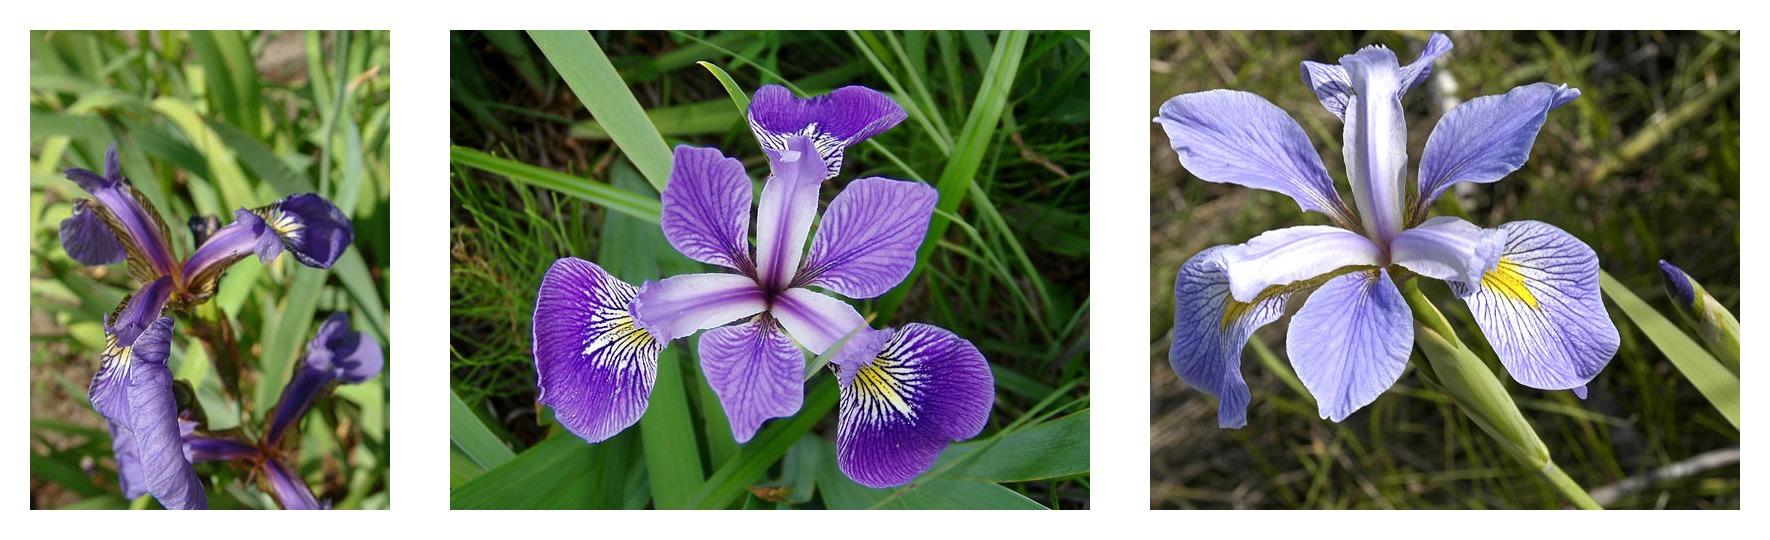 هندسه گلبرگ در مقایسه با سه گونه عنبیه: Iris setosa ، Iris virginica و Iris versicolor